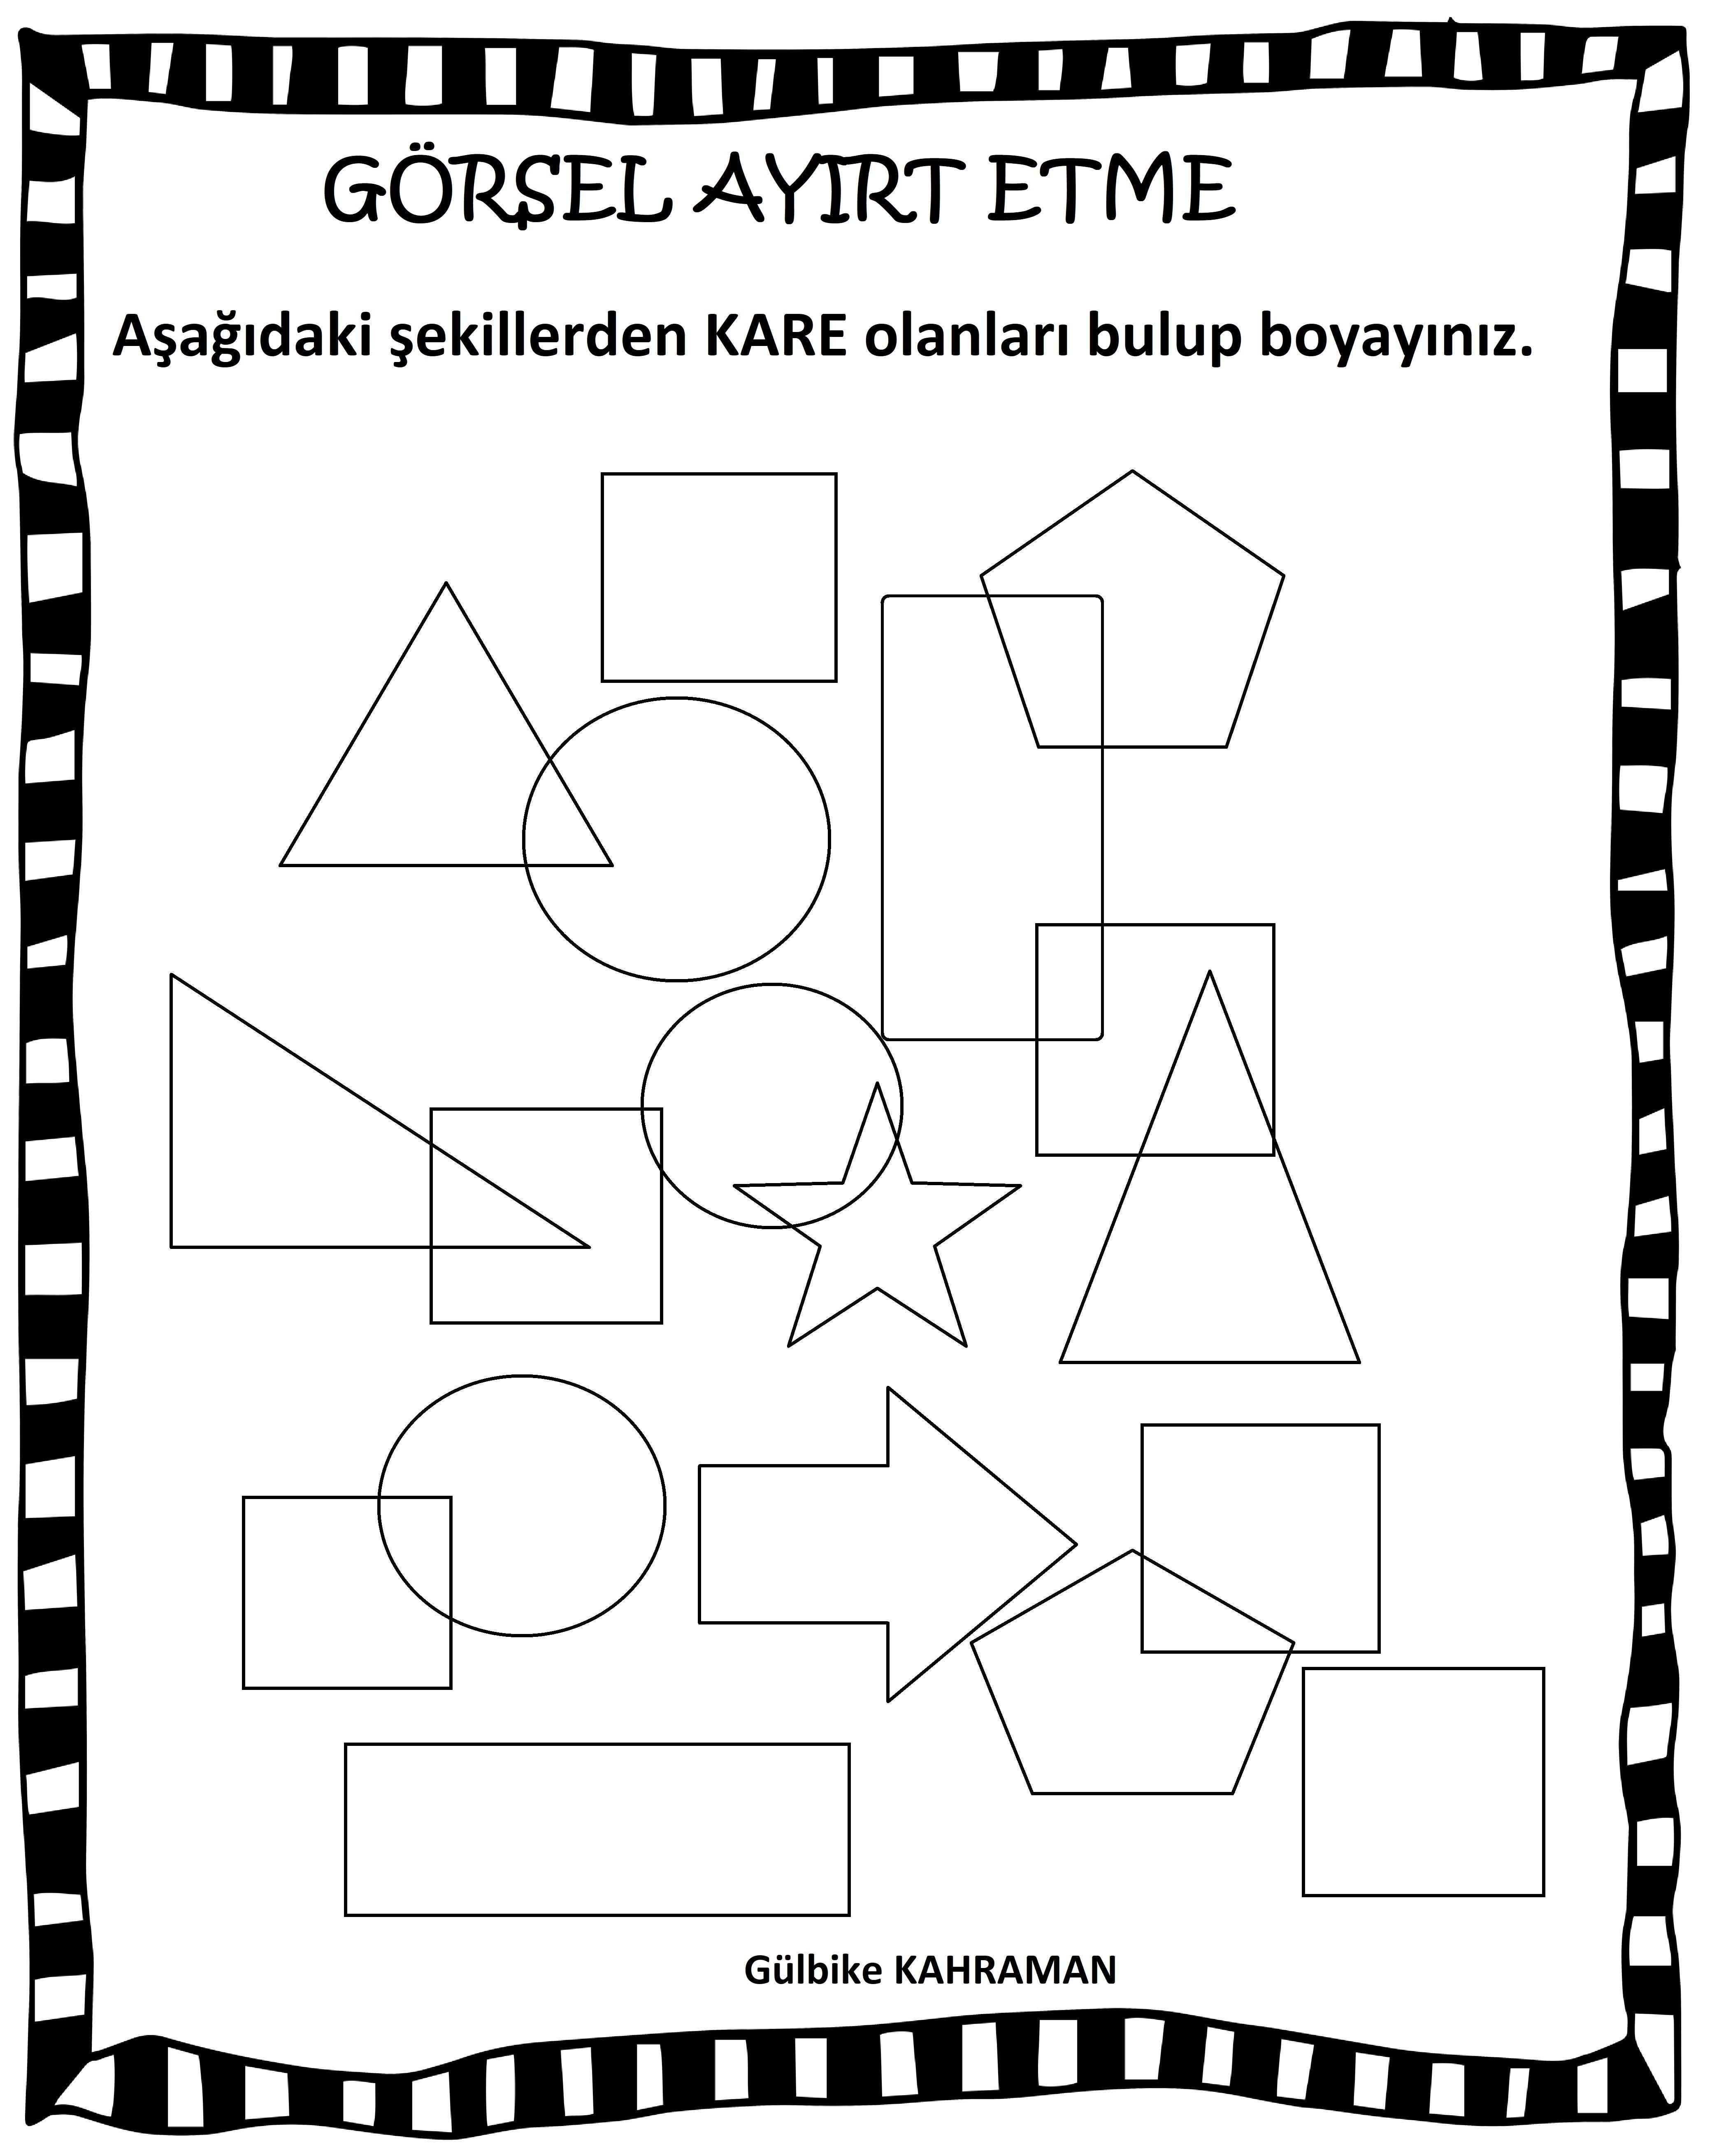 Okul öncesi şekiller Görsel Ayırt Etme Matematik Pinterest